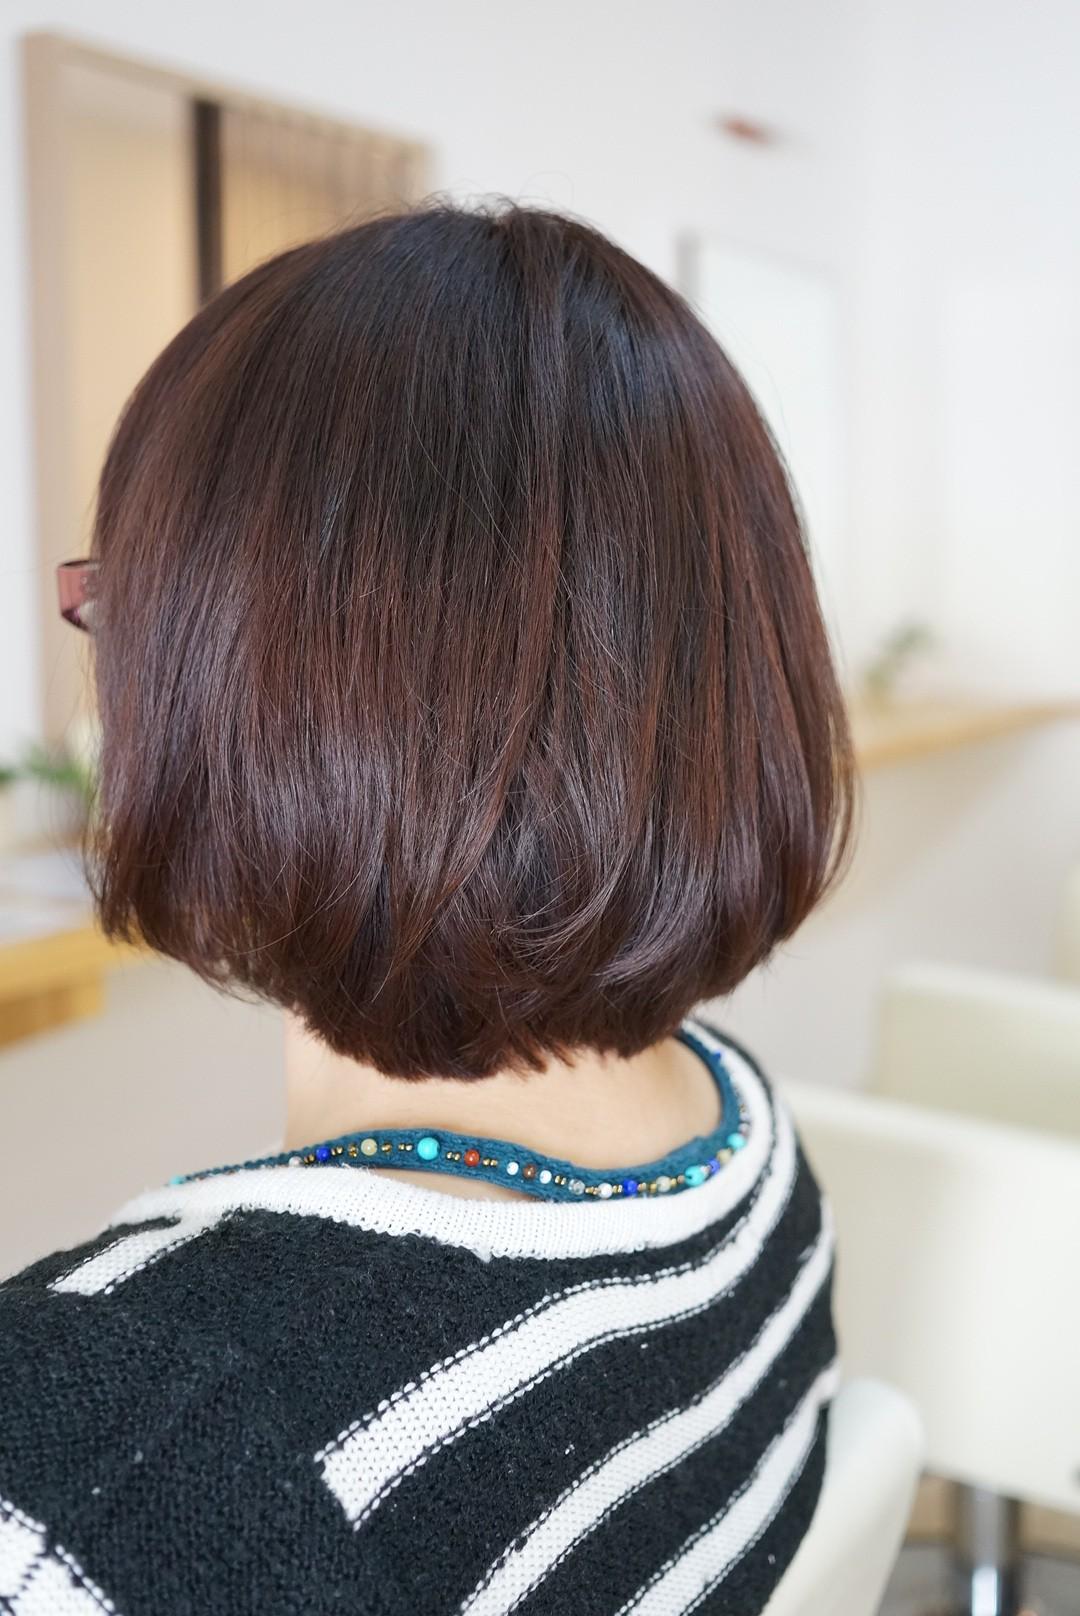 艶の出るヘアカラー【カッパーブラウン】仕上がり